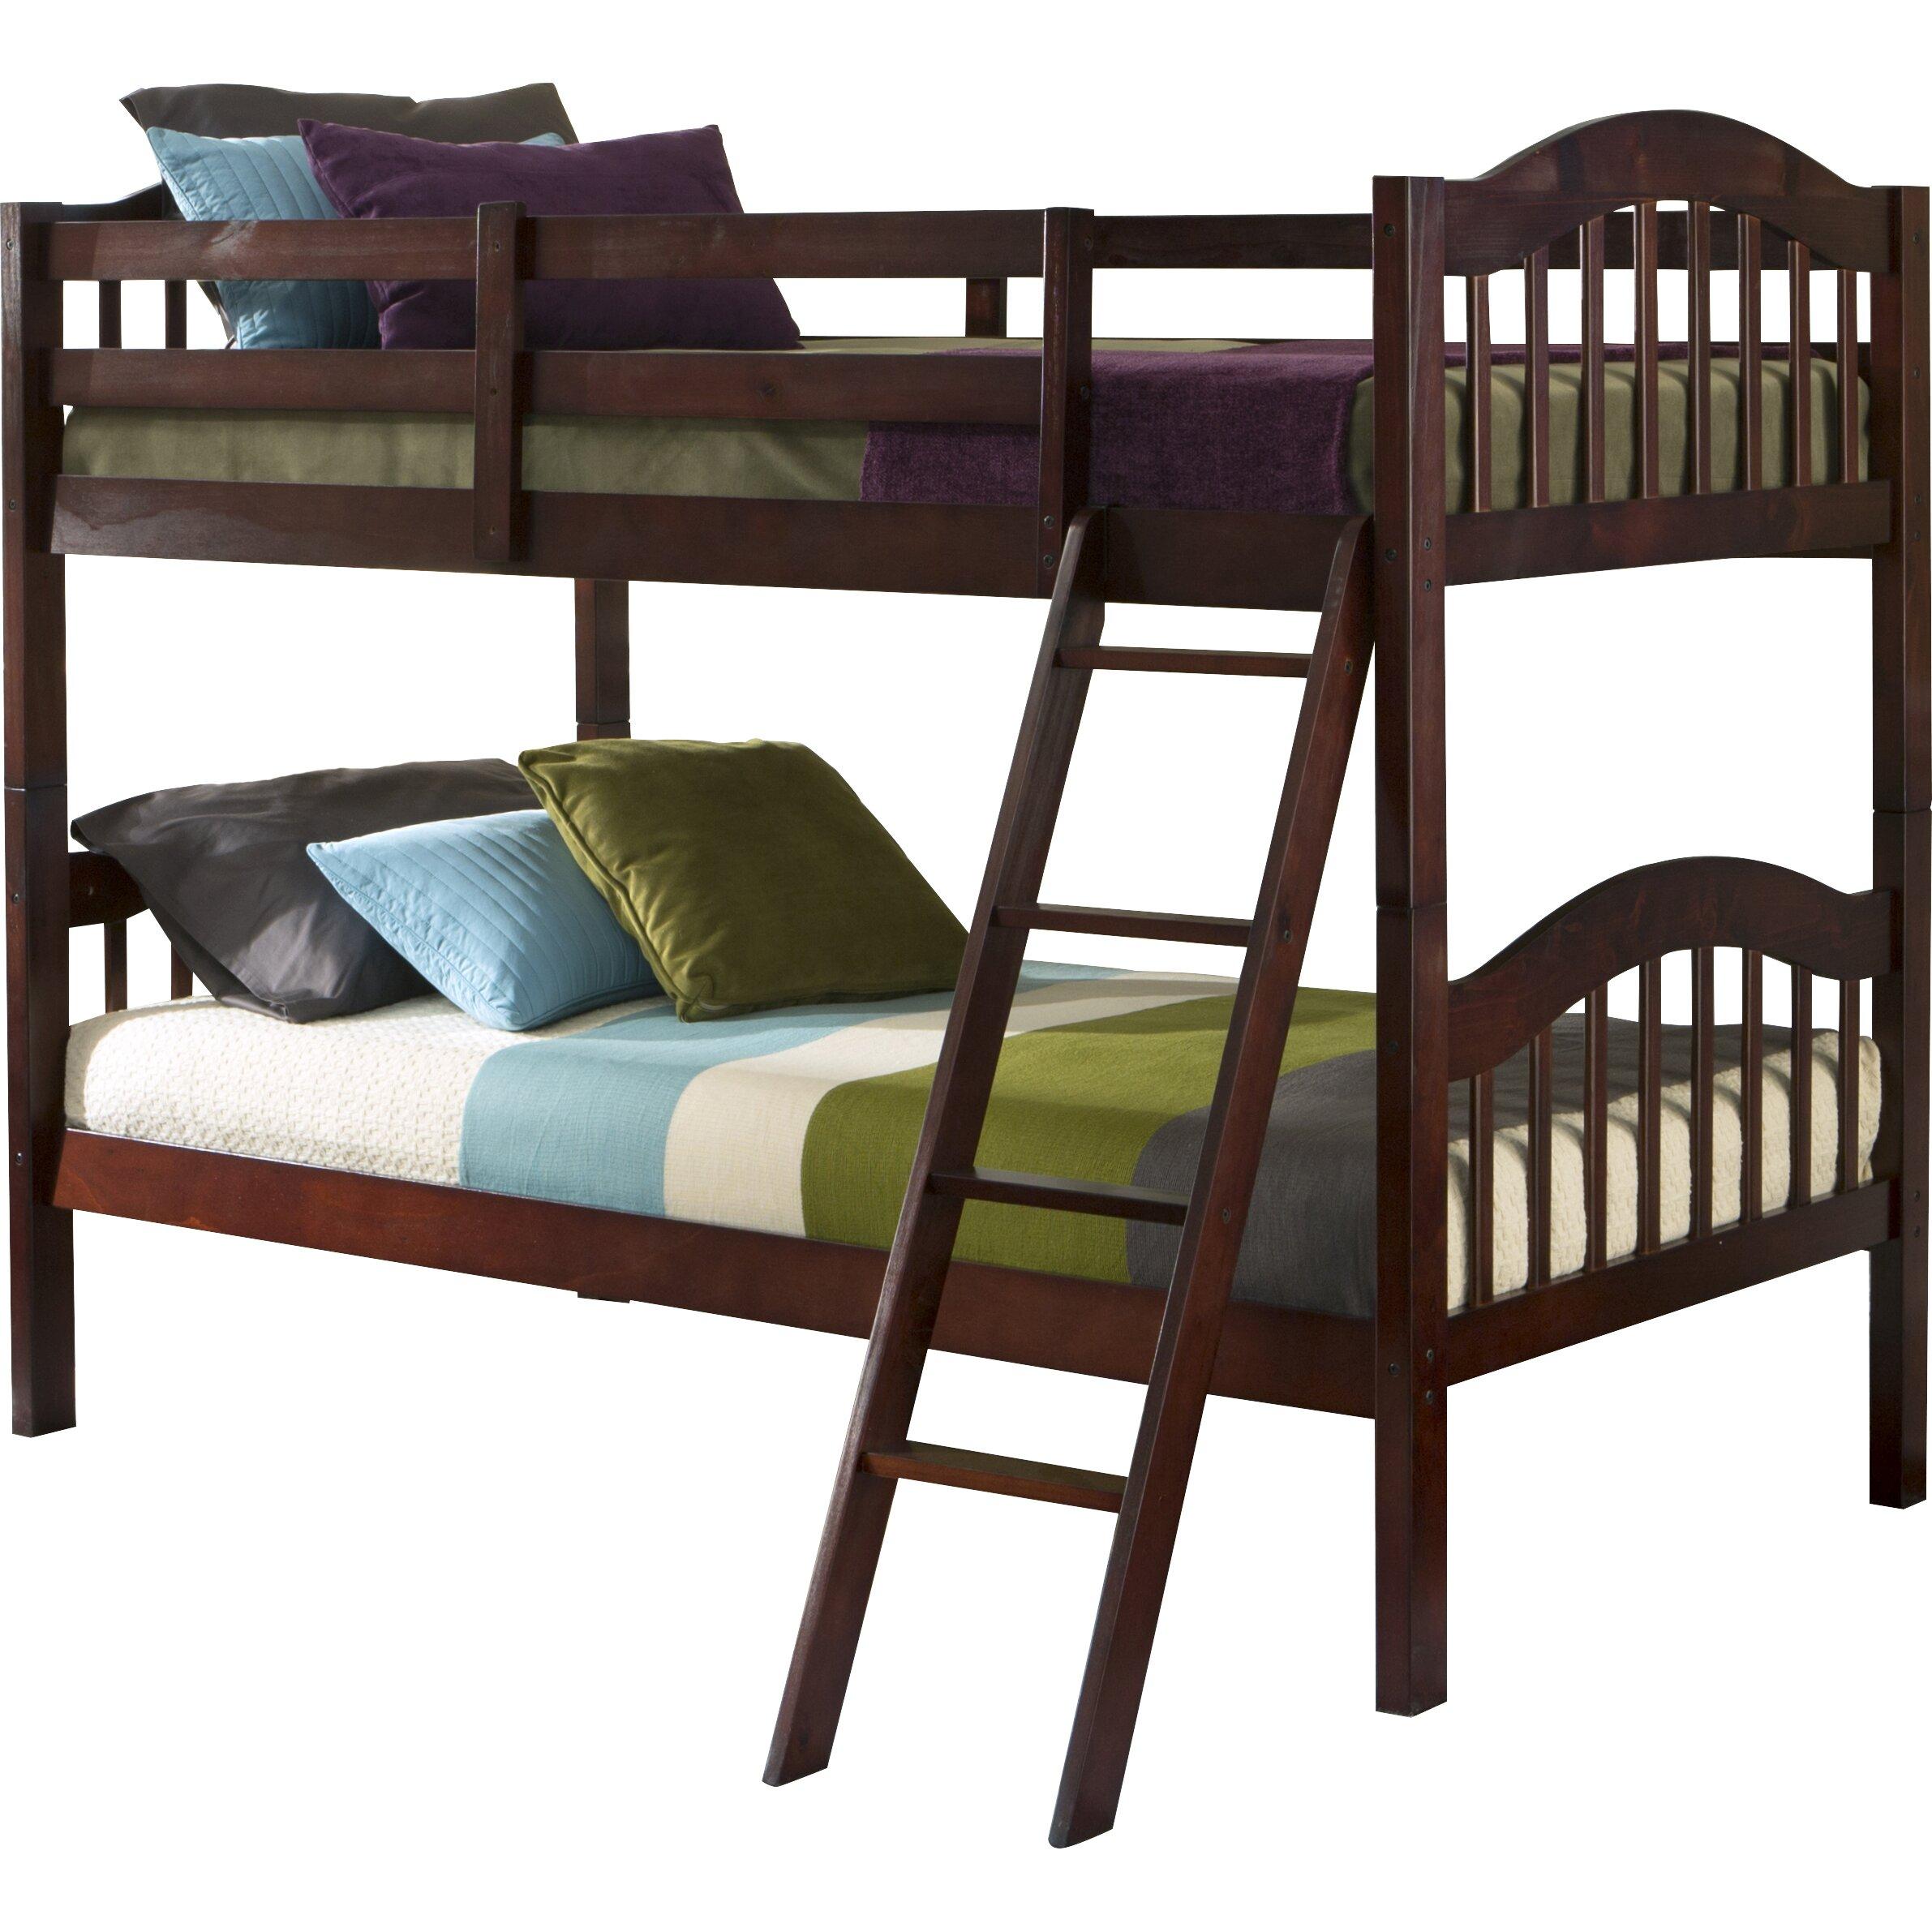 Storkcraft bunk bed storkcraft caribou bunk bed espresso for Stork craft caribou bunk bed